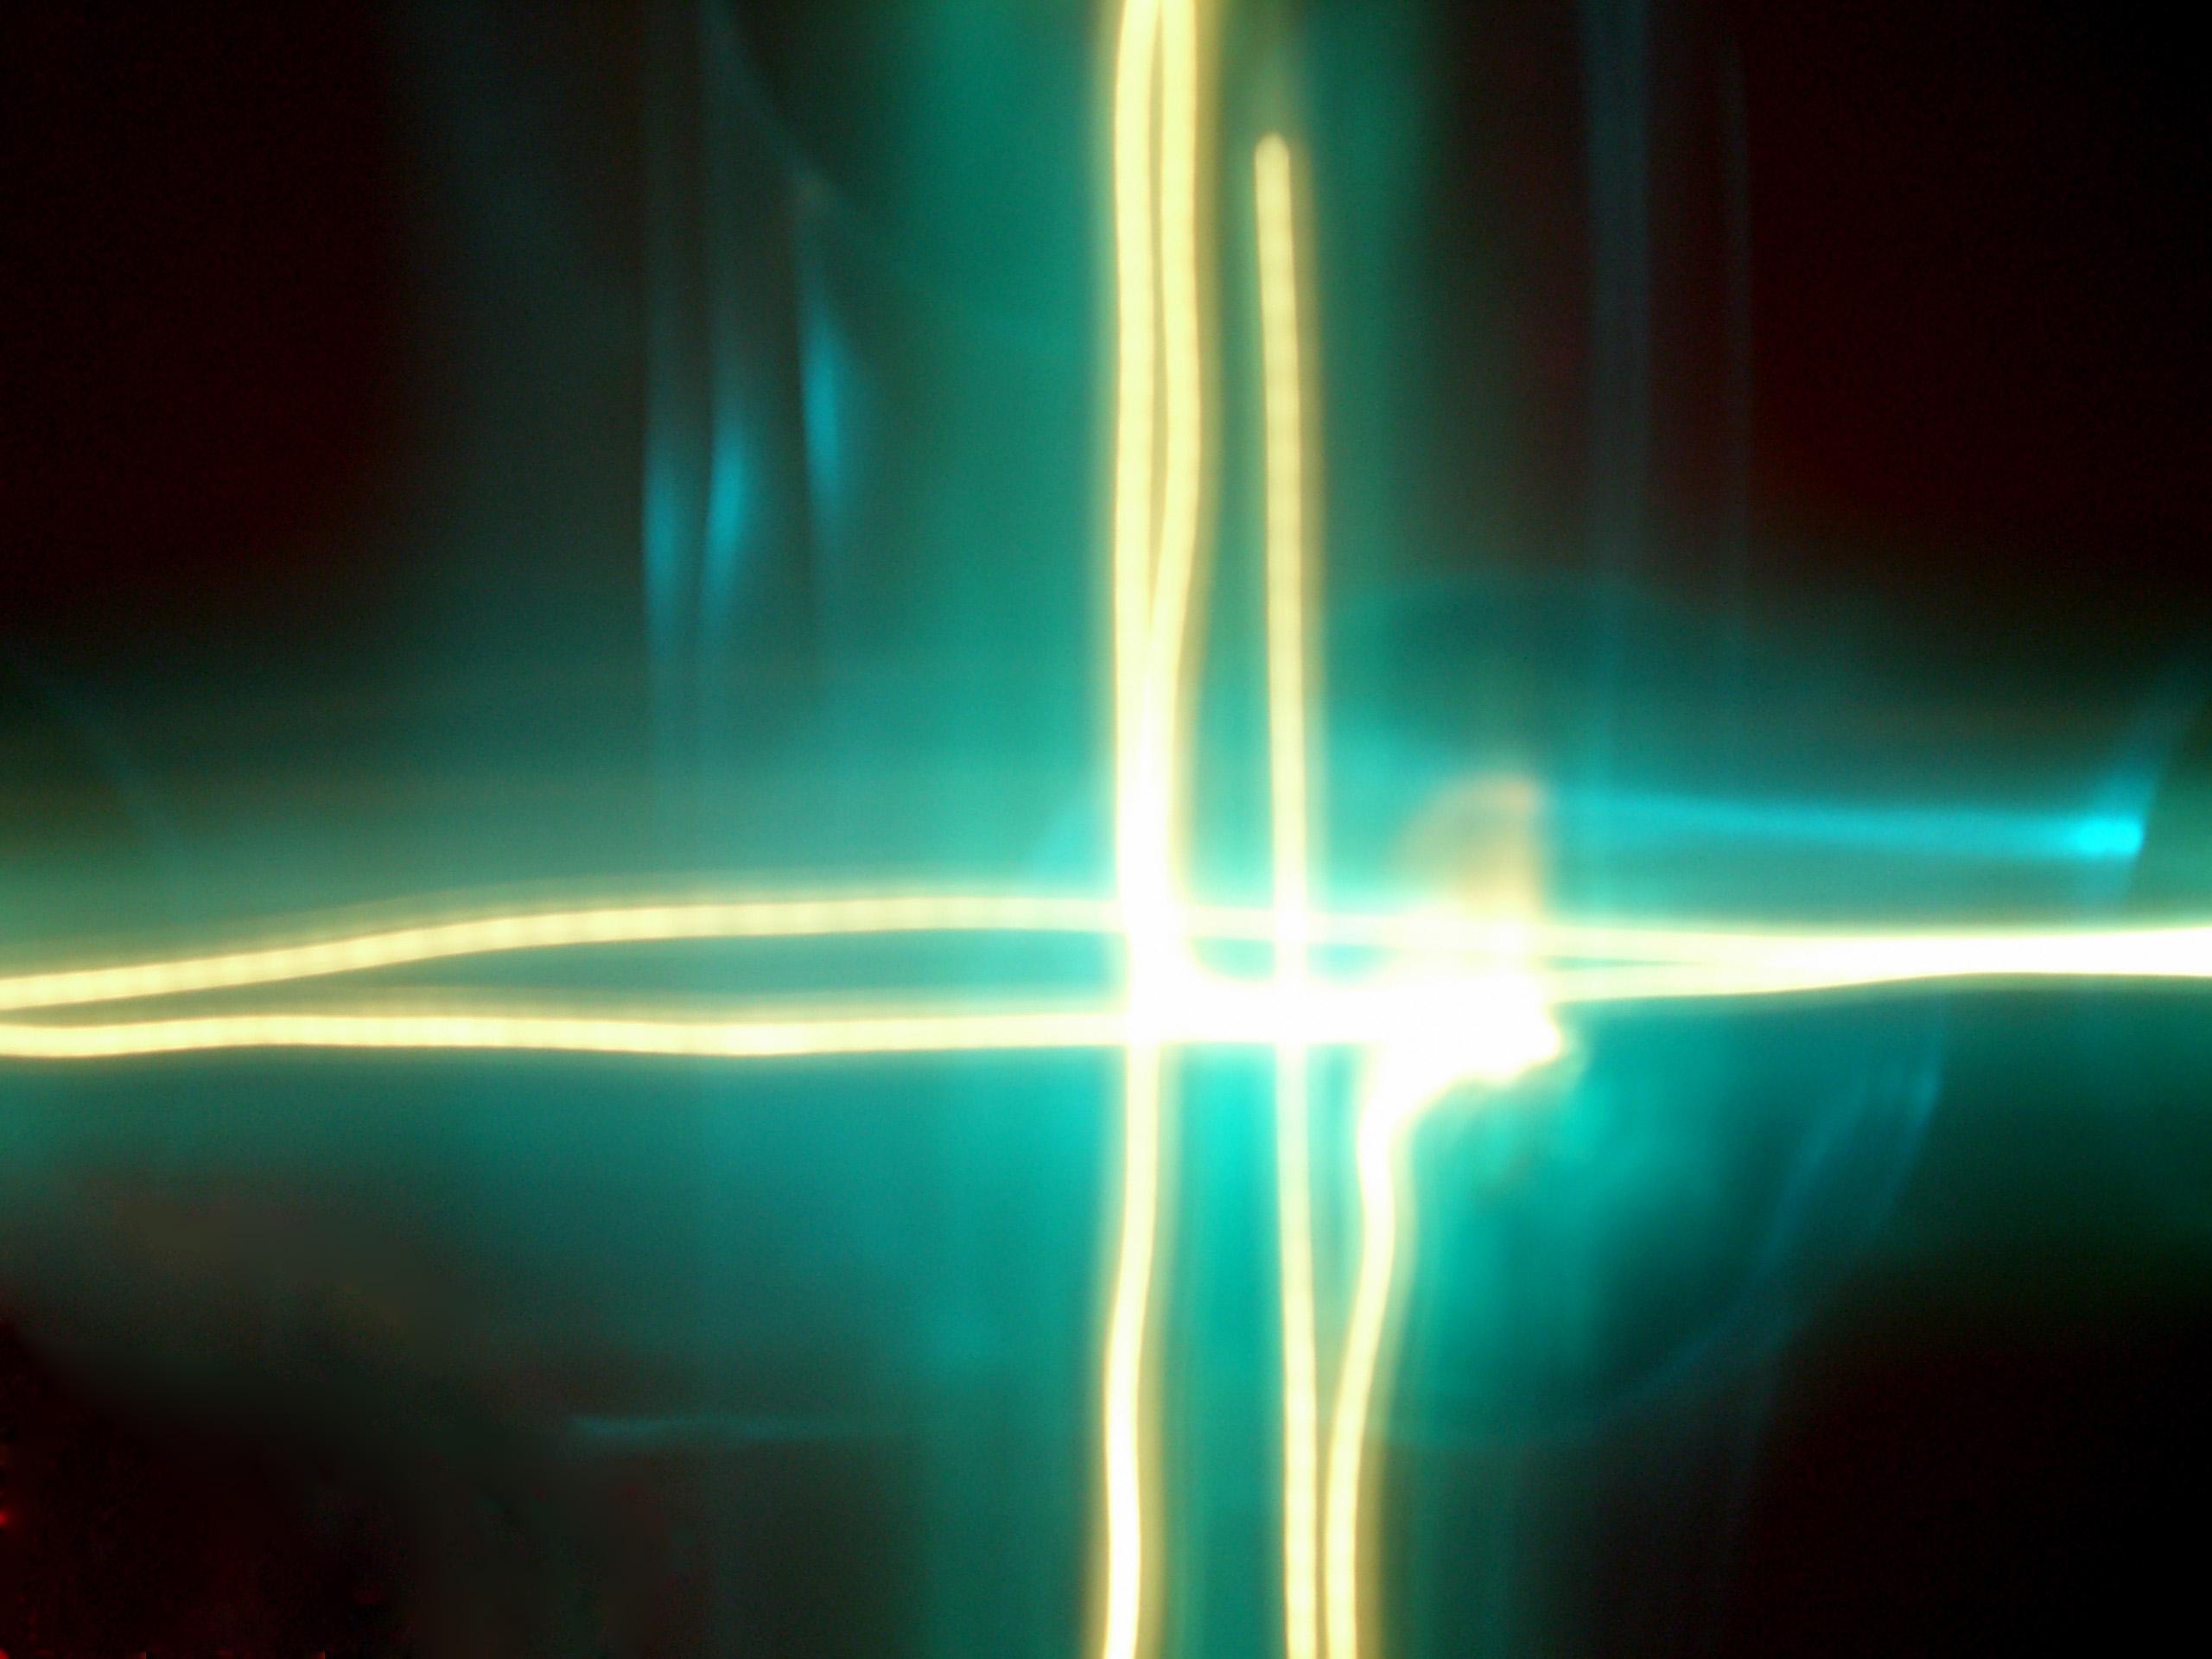 La luz se está empezando a utilizar para reactivar o curar el cerebro. Imagen: reuben4eva. Fuente: FreeImages.